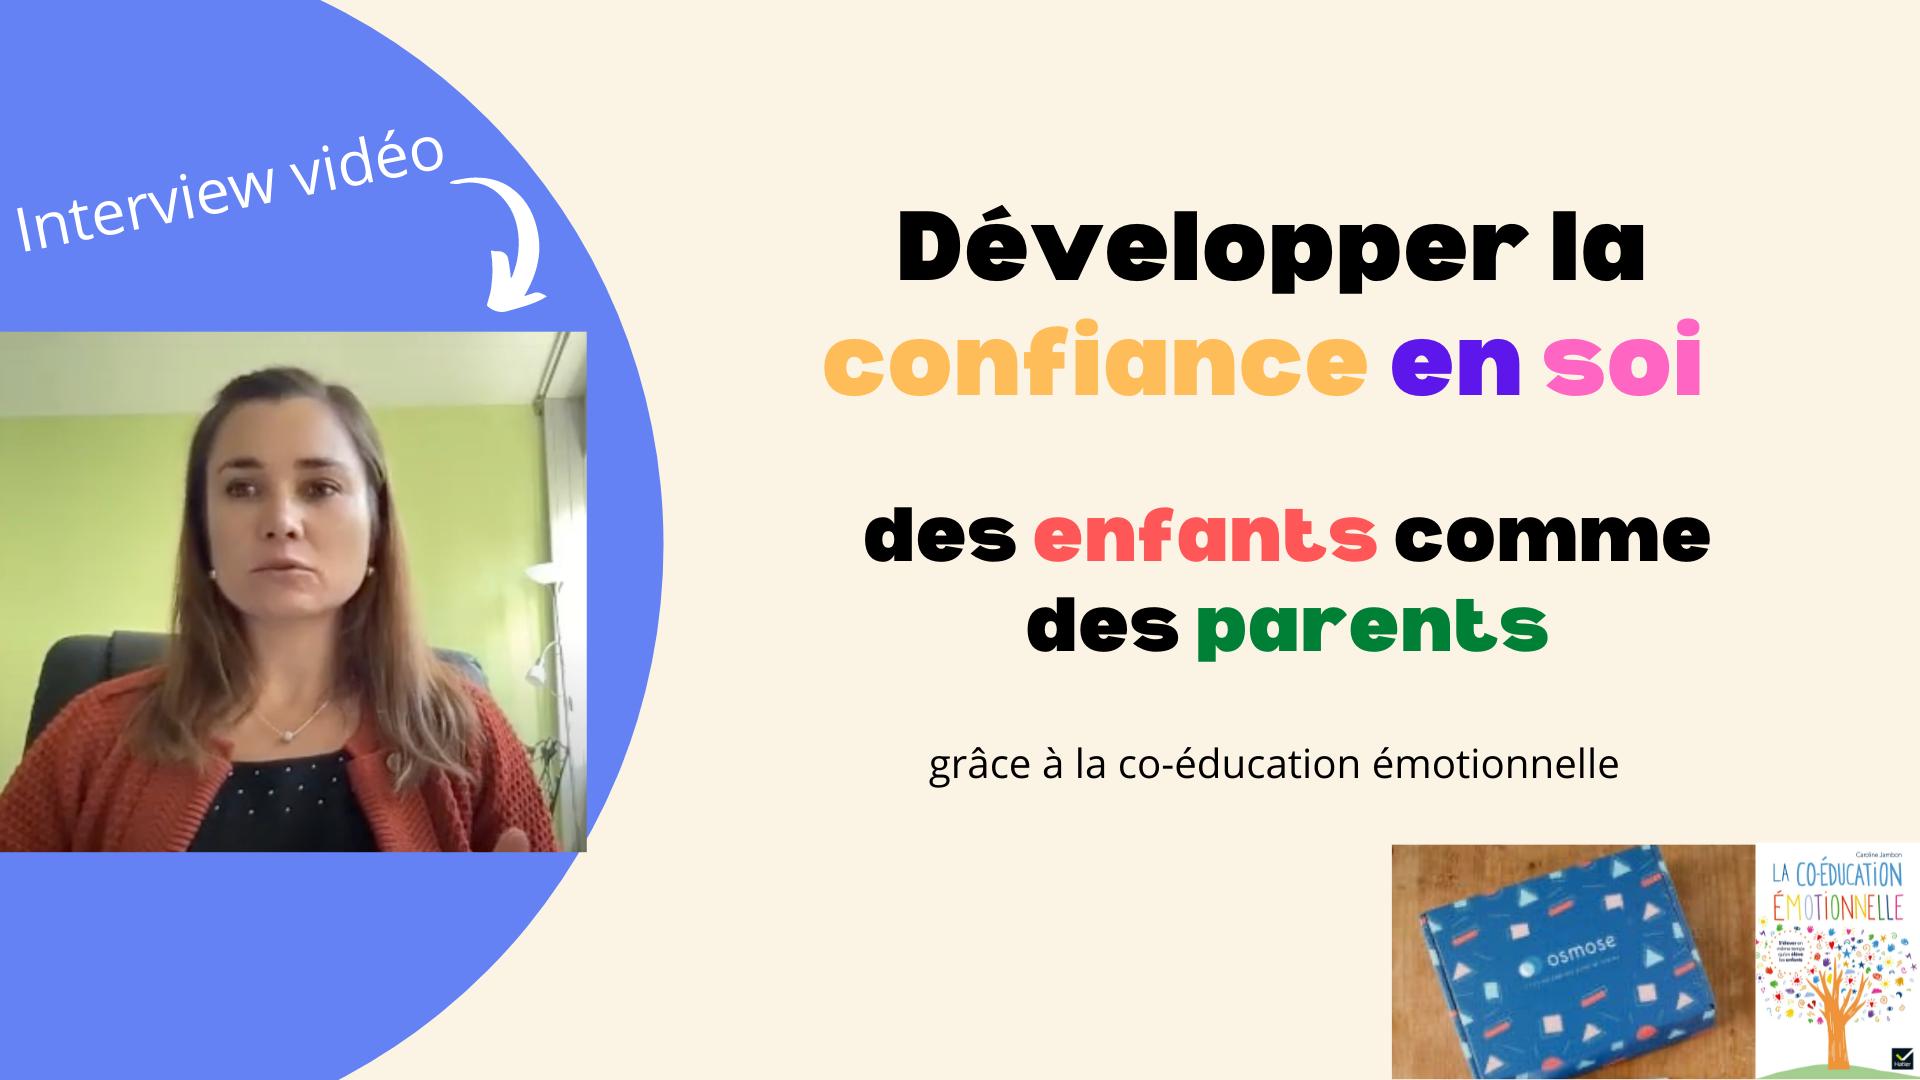 Développer la confiance en soi des enfants comme des parents grâce à la co-éducation émotionnelle